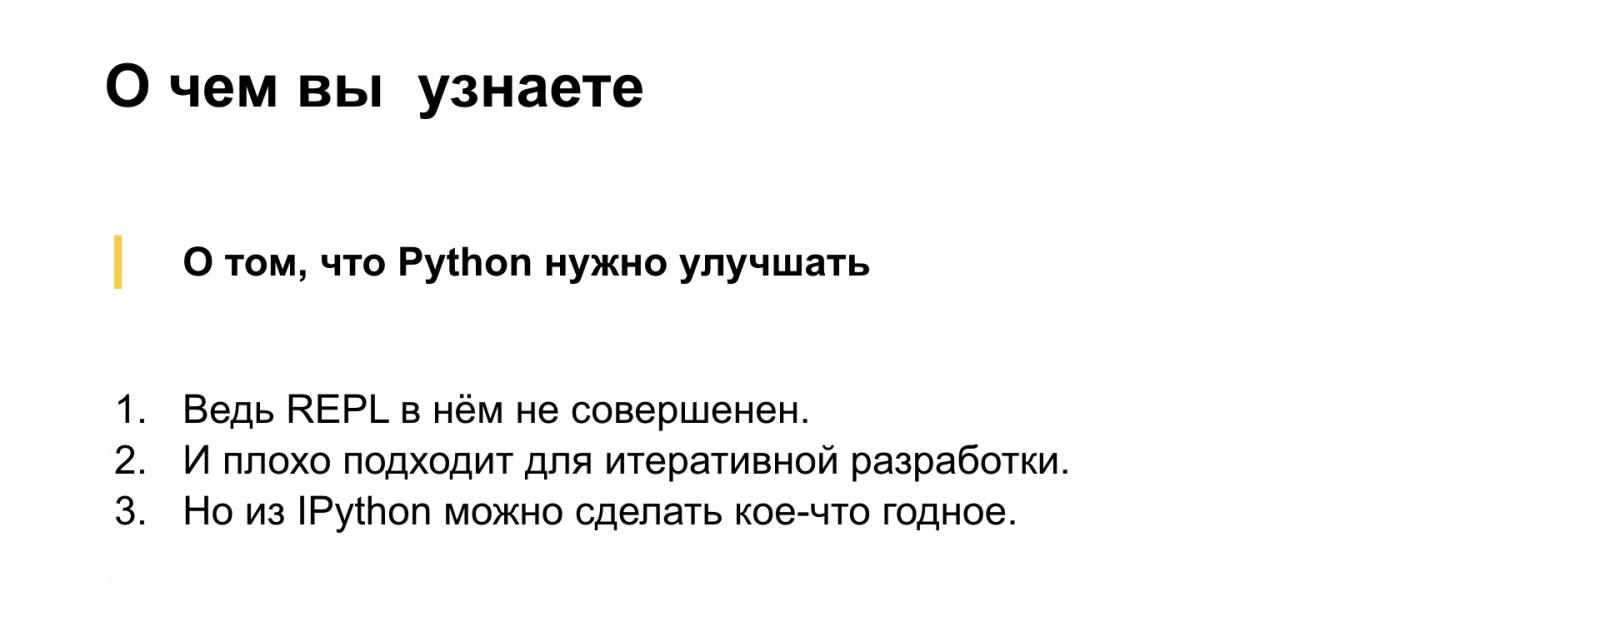 Бесполезный REPL. Доклад Яндекса - 1